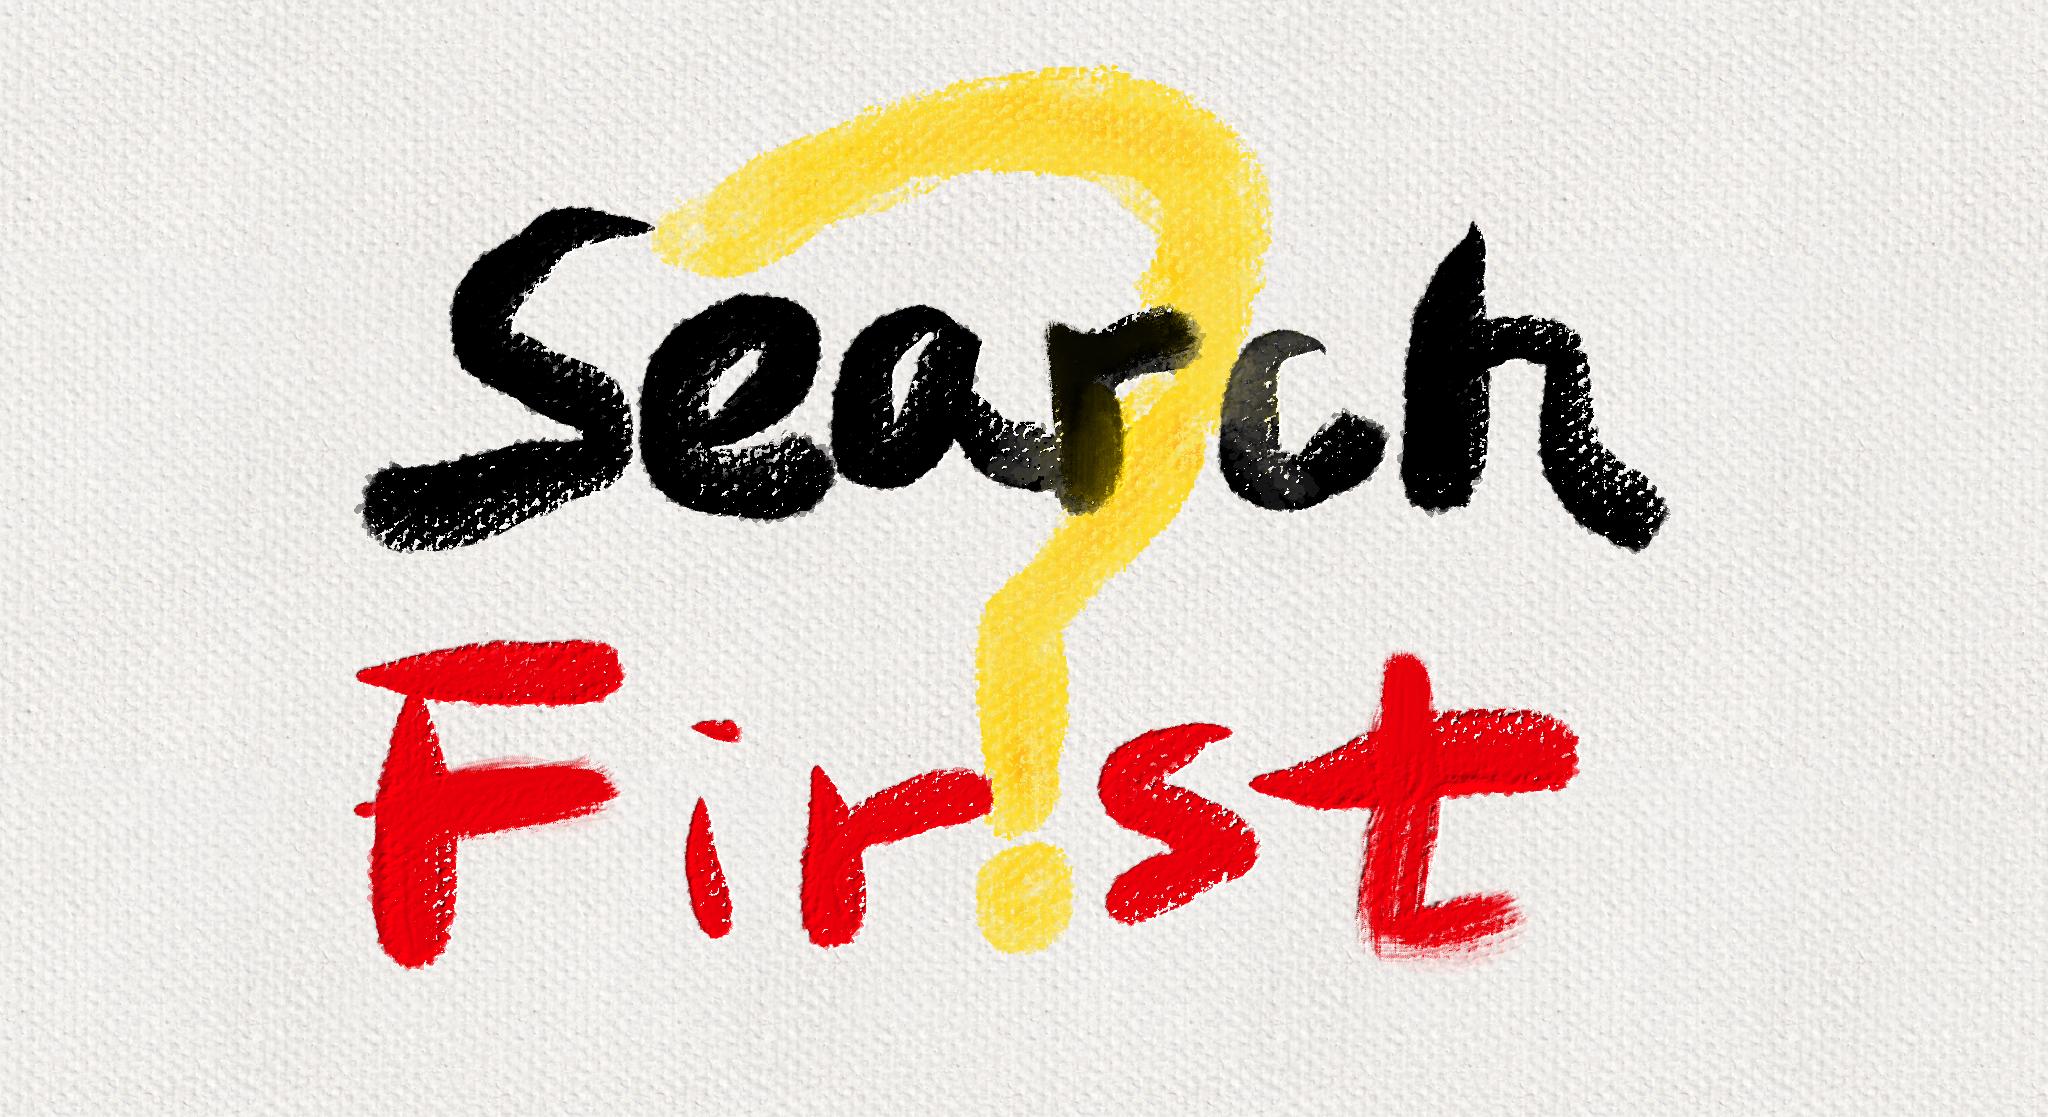 遇事不决,请先 「搜索」